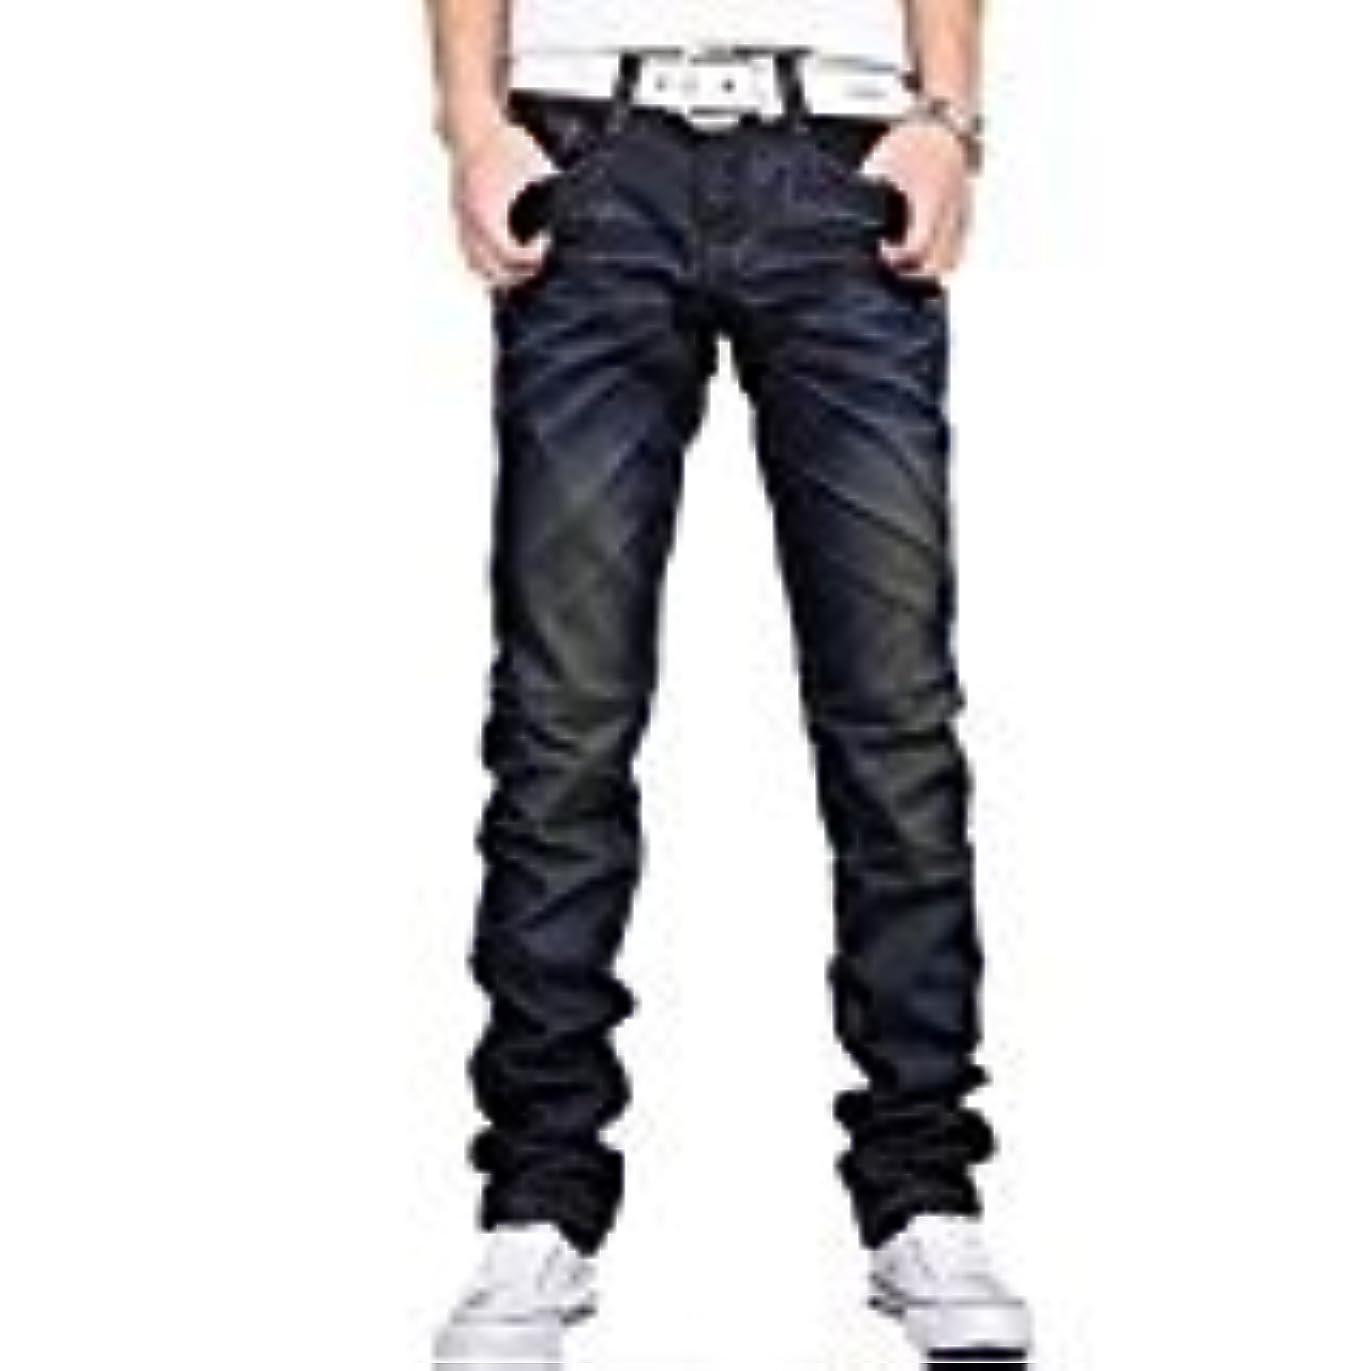 破壊教育アーサーコナンドイルRaiFu ジーンズ  ニュー メンズ ジーンズ カジュアル ダークブルー デニム メンズ パンツ ジーンズ ブルー W32 x L32